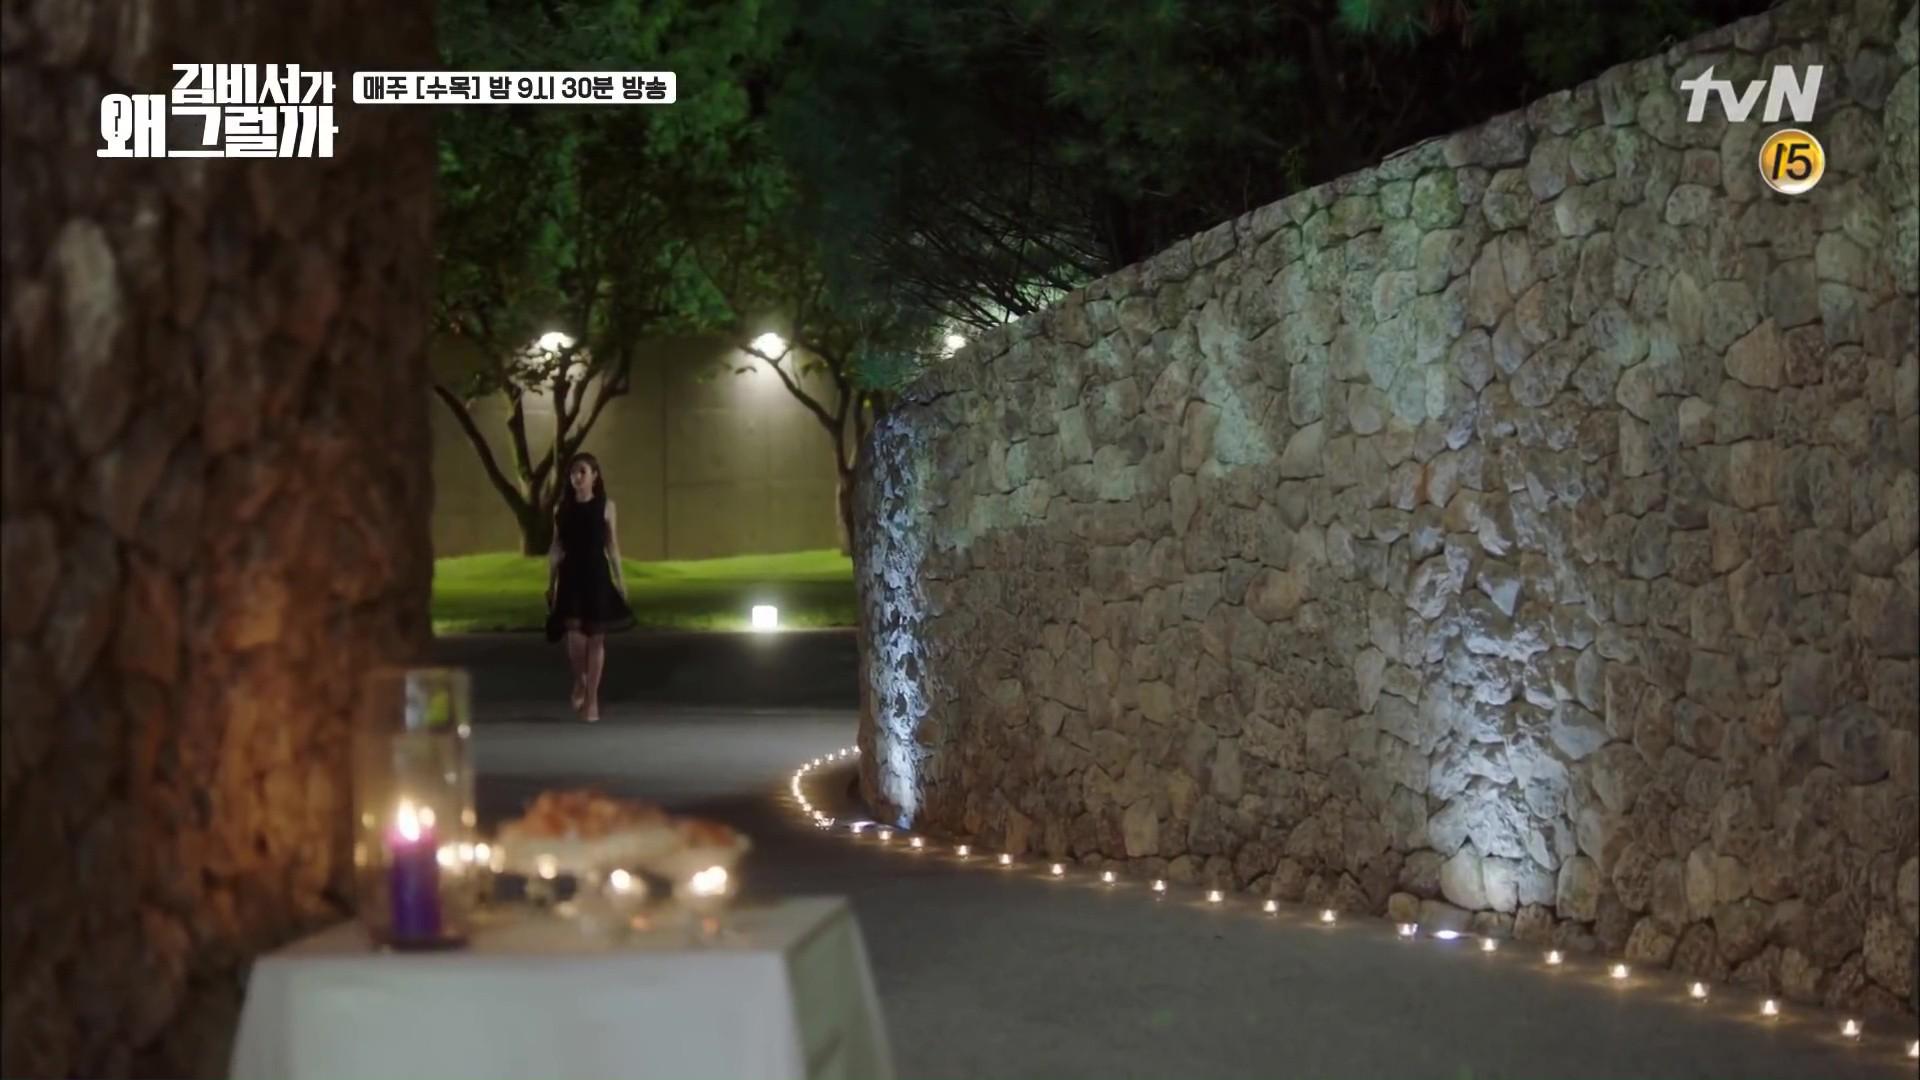 Thư ký Kim sao thế tập 15: Park Seo Joon đầu tư cầu hôn công phu nhưng lại bị Park Min Young từ chối